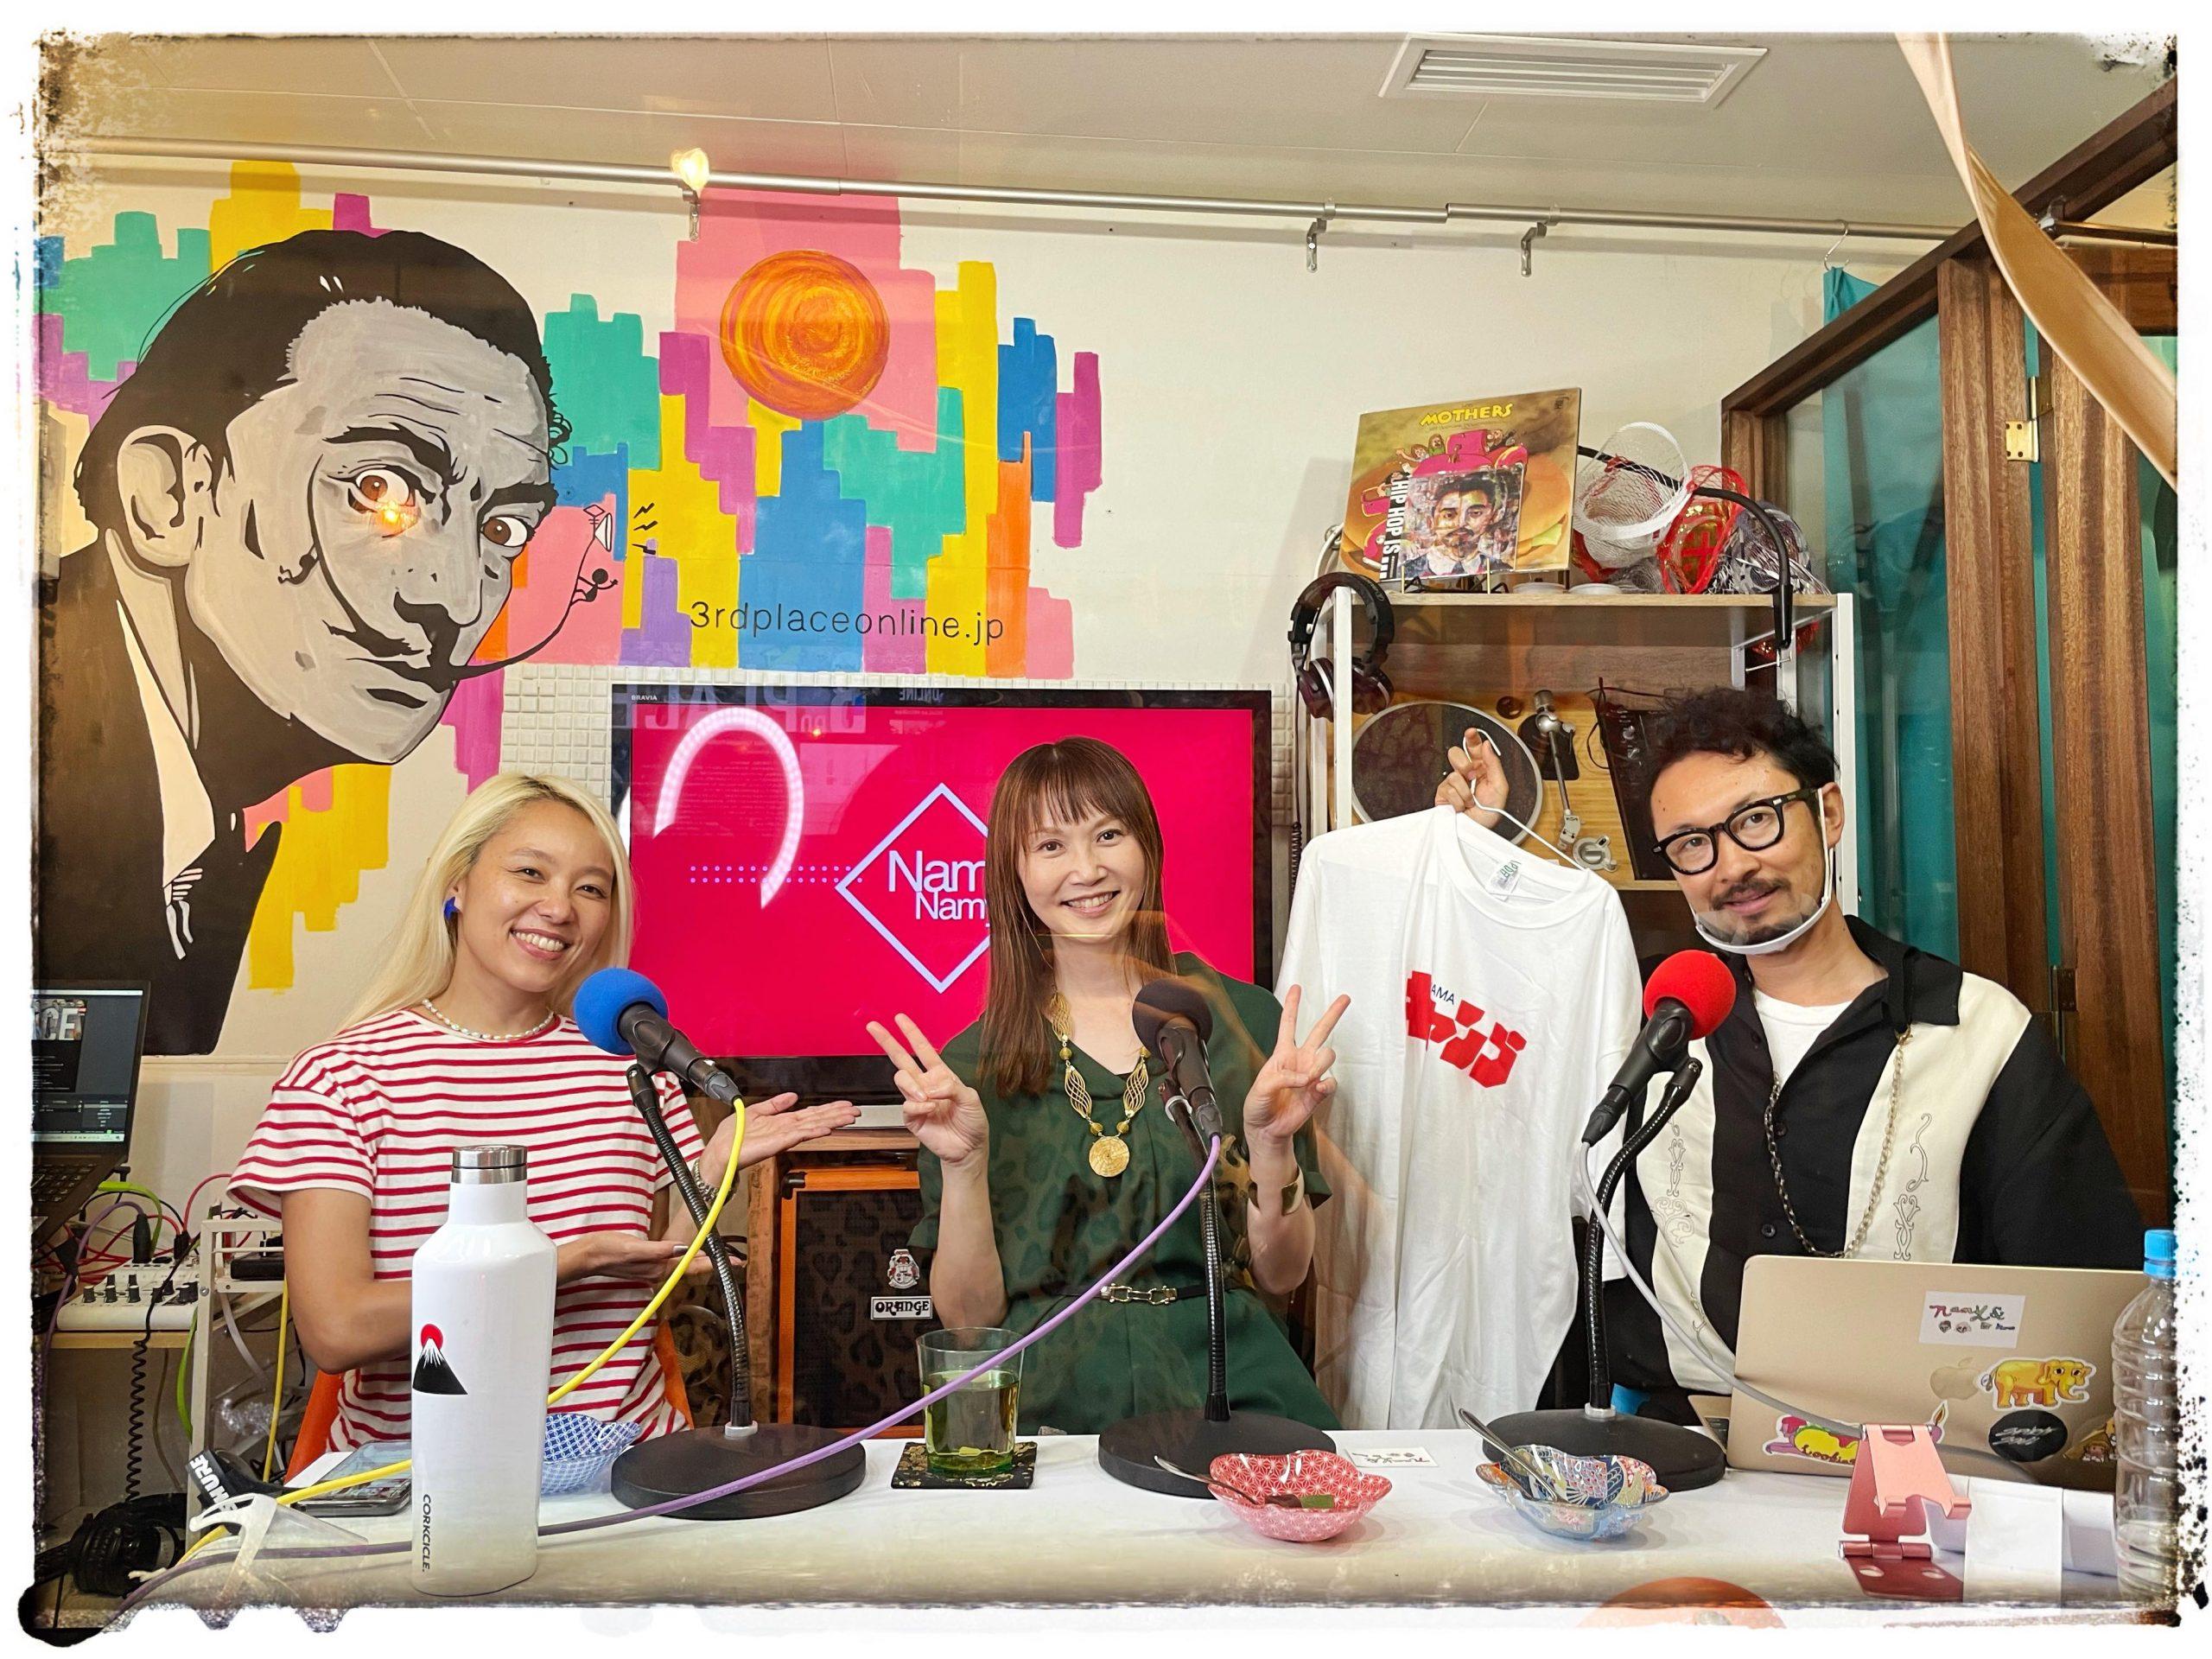 【Namy& home】HALF ANNIVERSARY guest:Laranja/Yoko Yamazaki